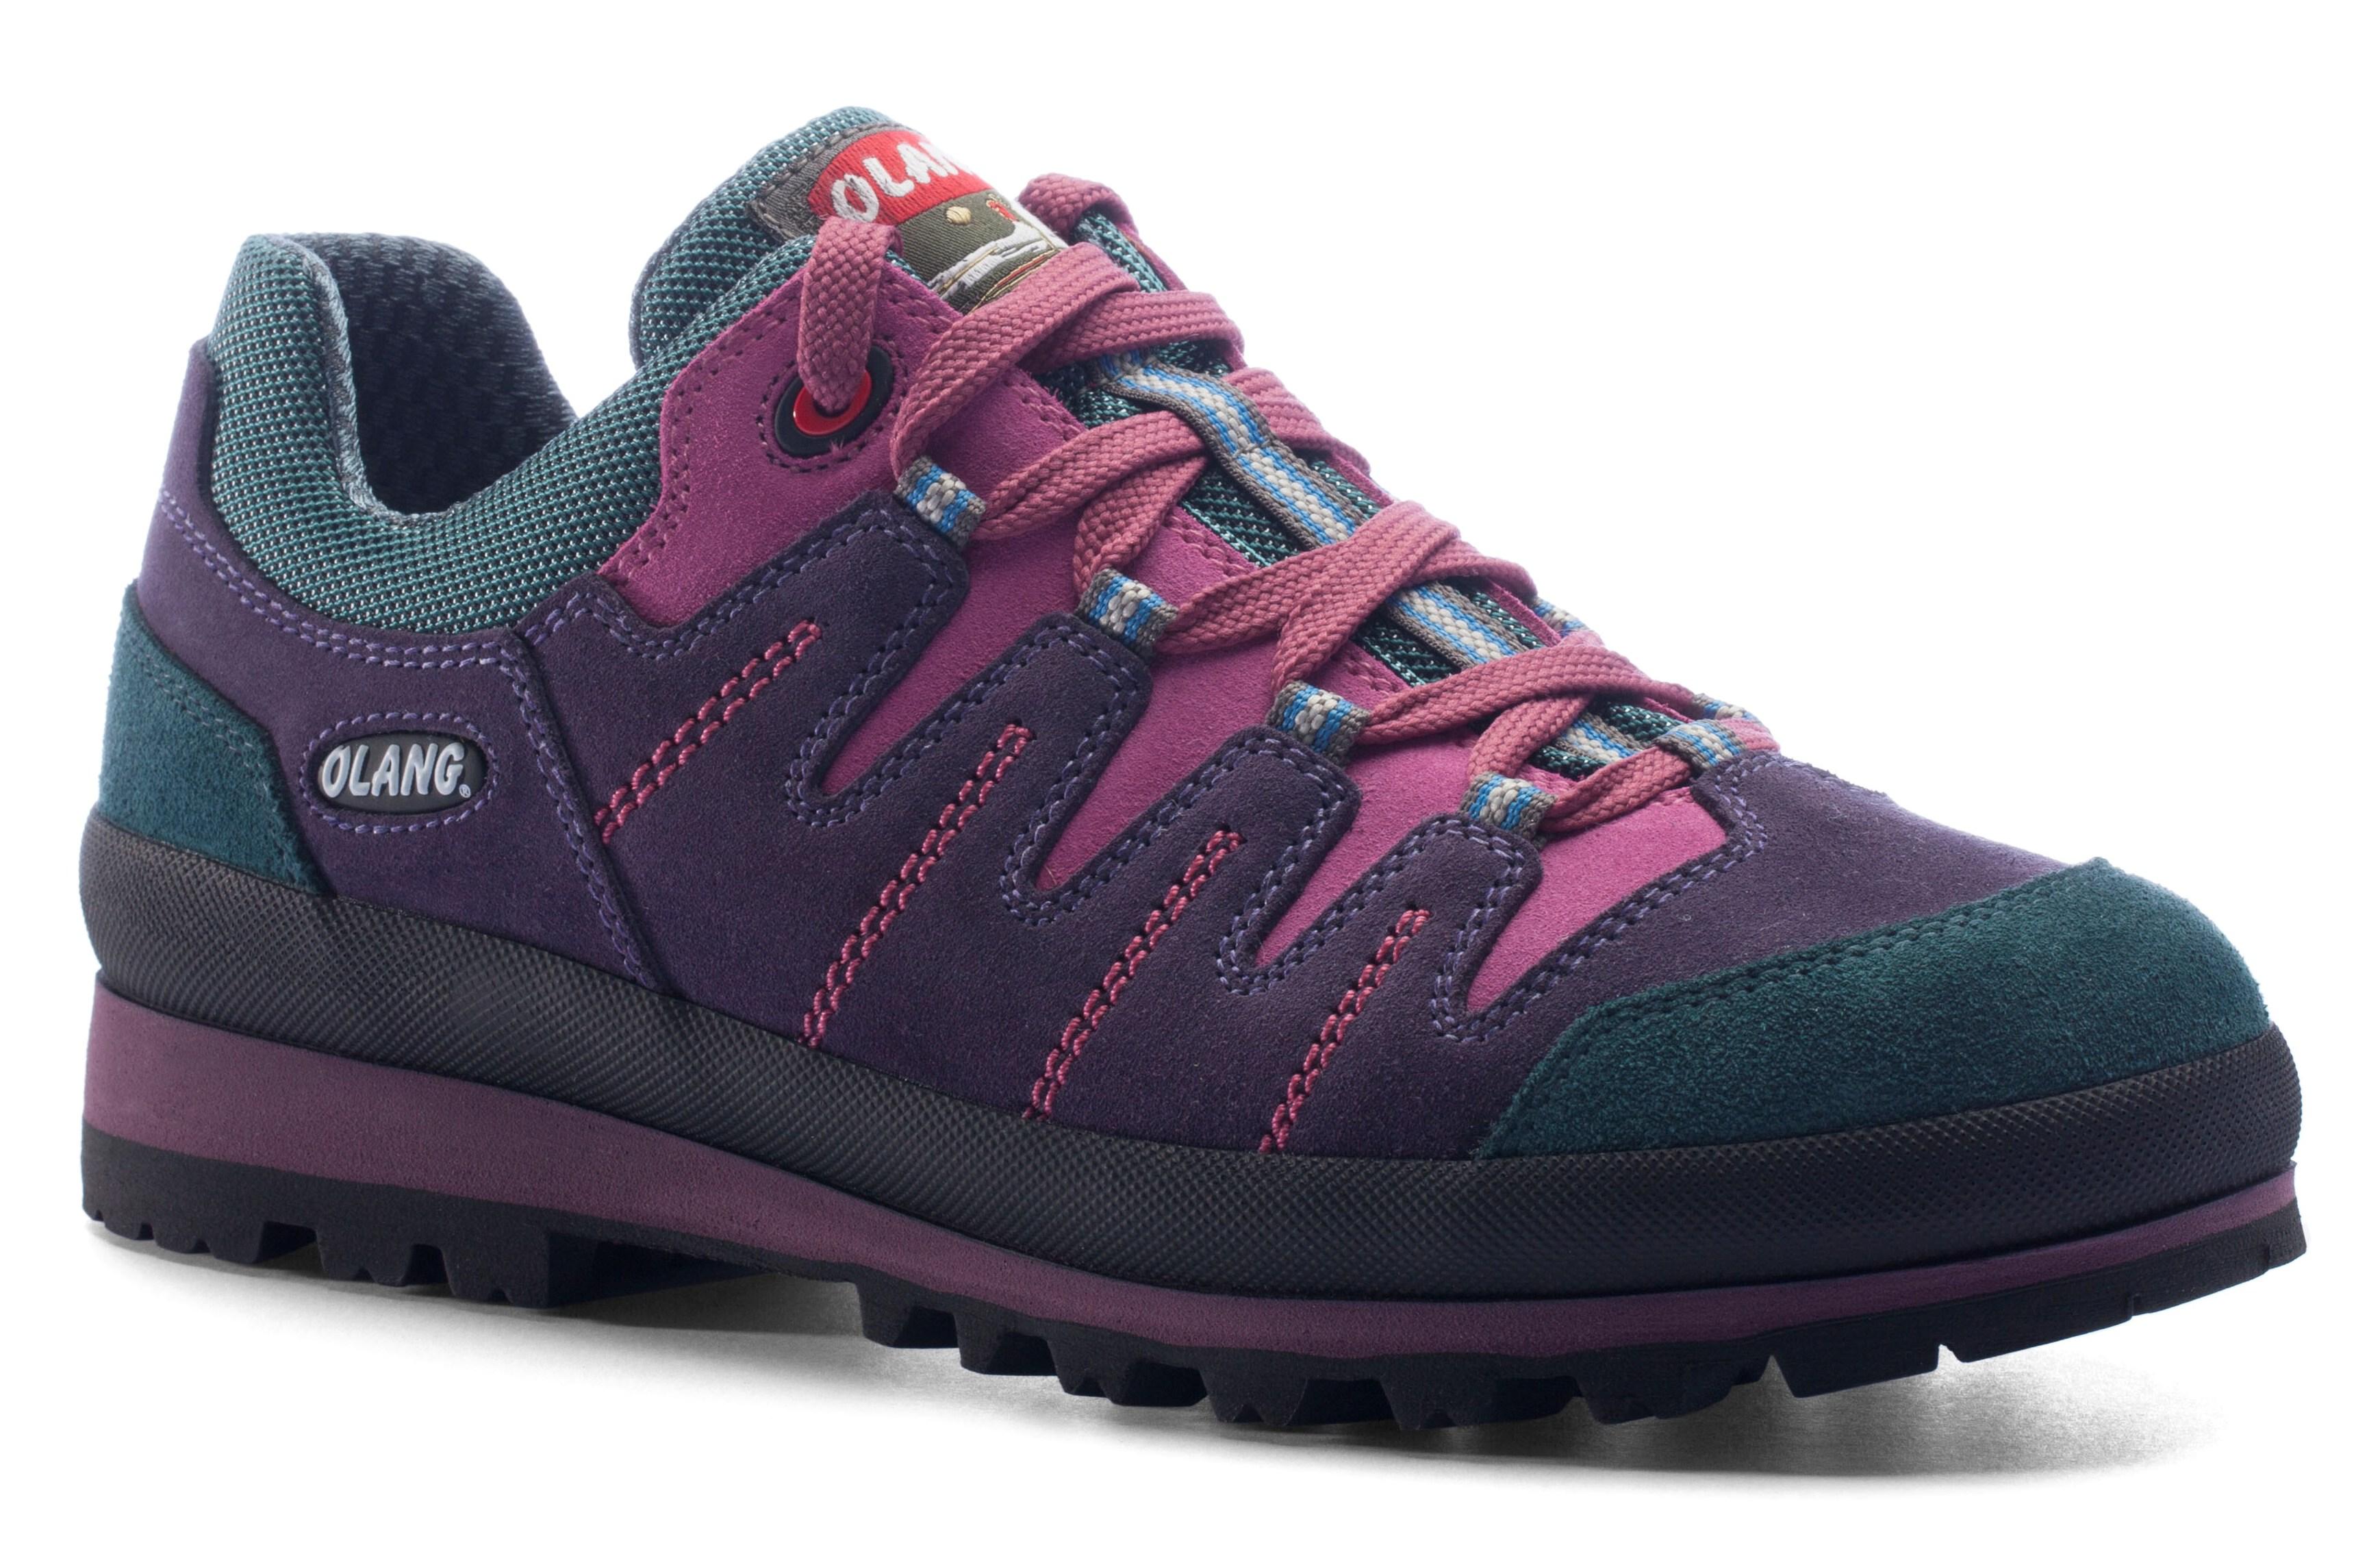 Dámská treková obuv Olang Malaga.Tex fialová Velikost: 37 (EU)